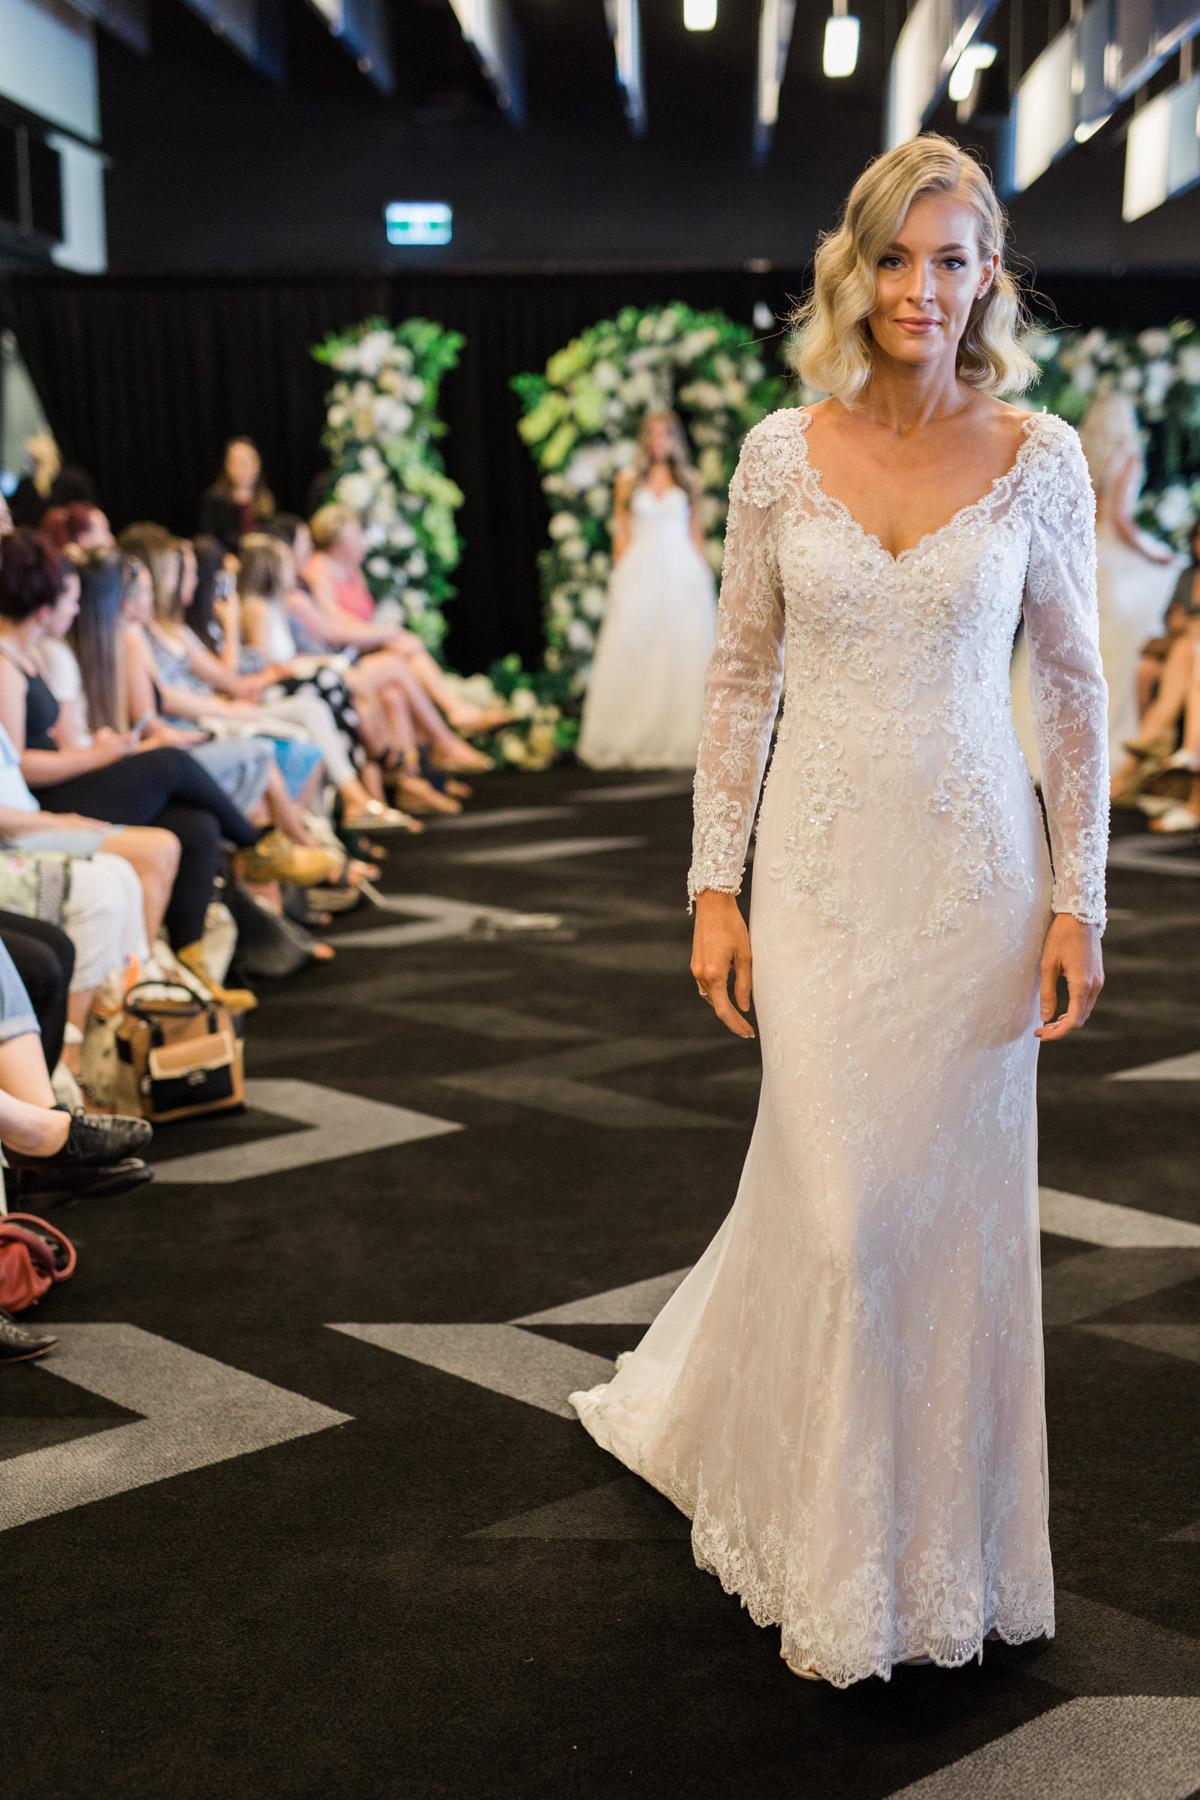 Love-Wedding-Festival-Sydney-Wedding-Gown-Jean-Fox-Bridal-11.jpg